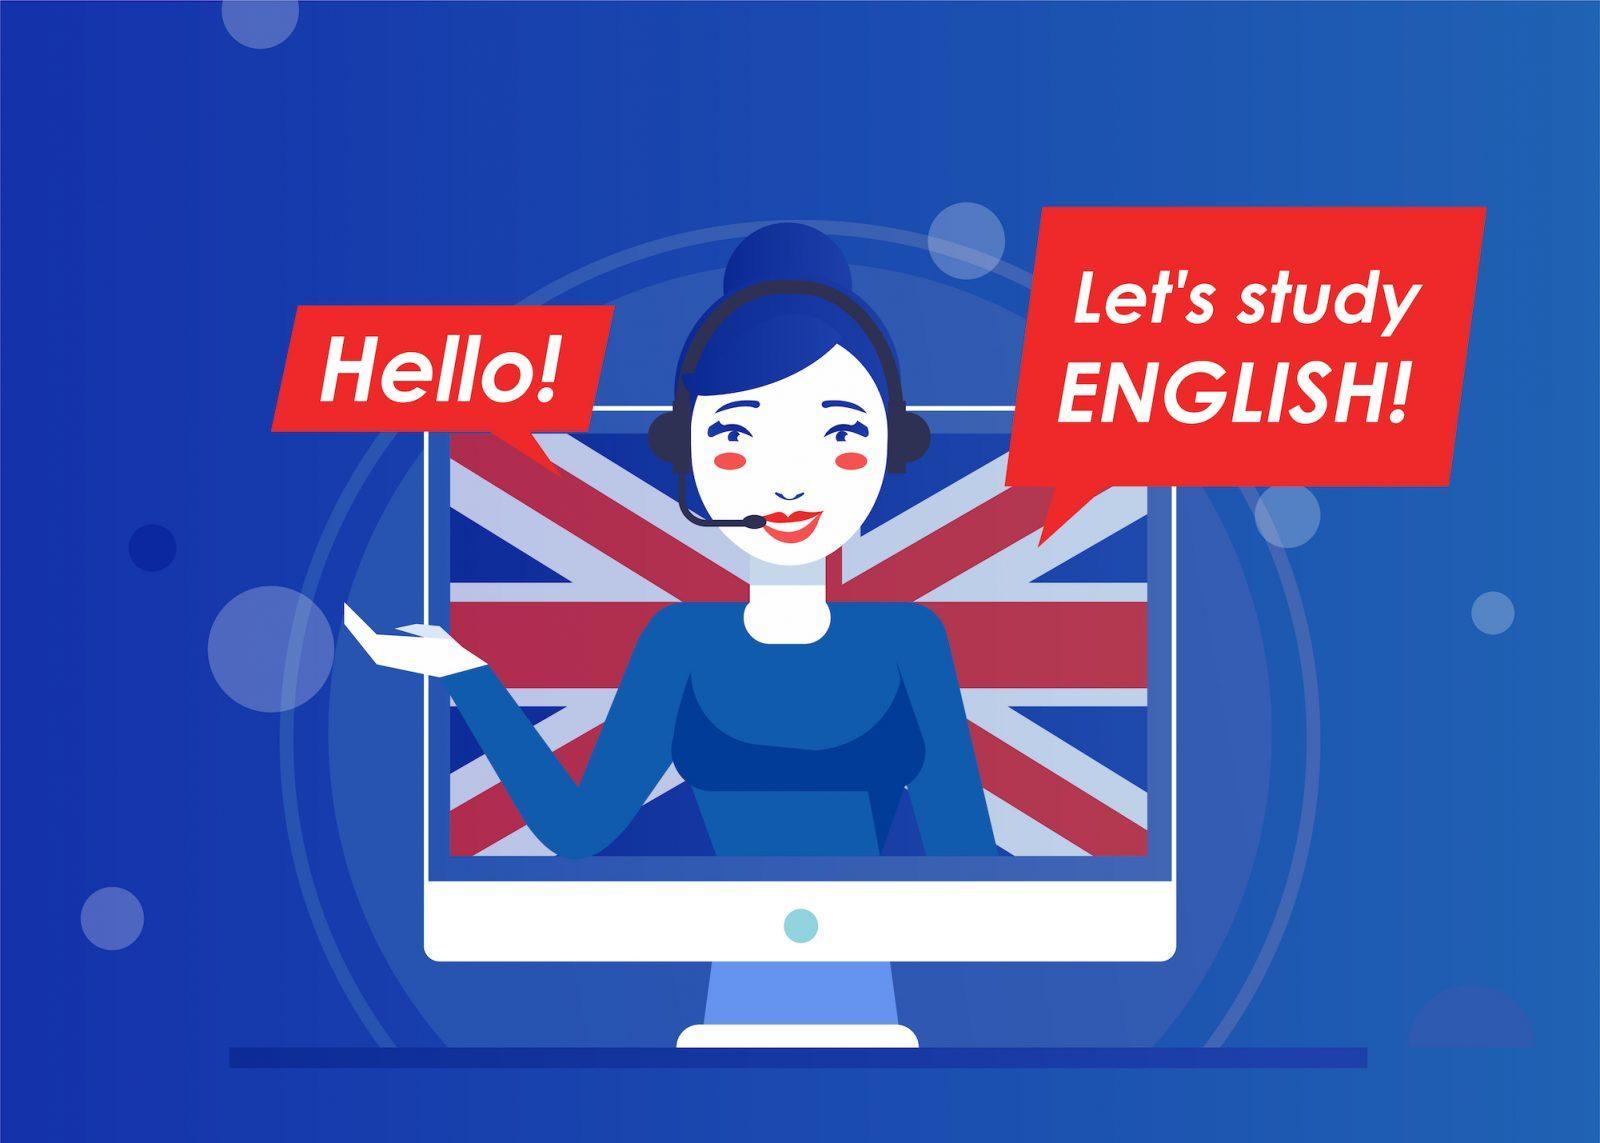 מהם היתרונות של קורס אנגלית באונליין?